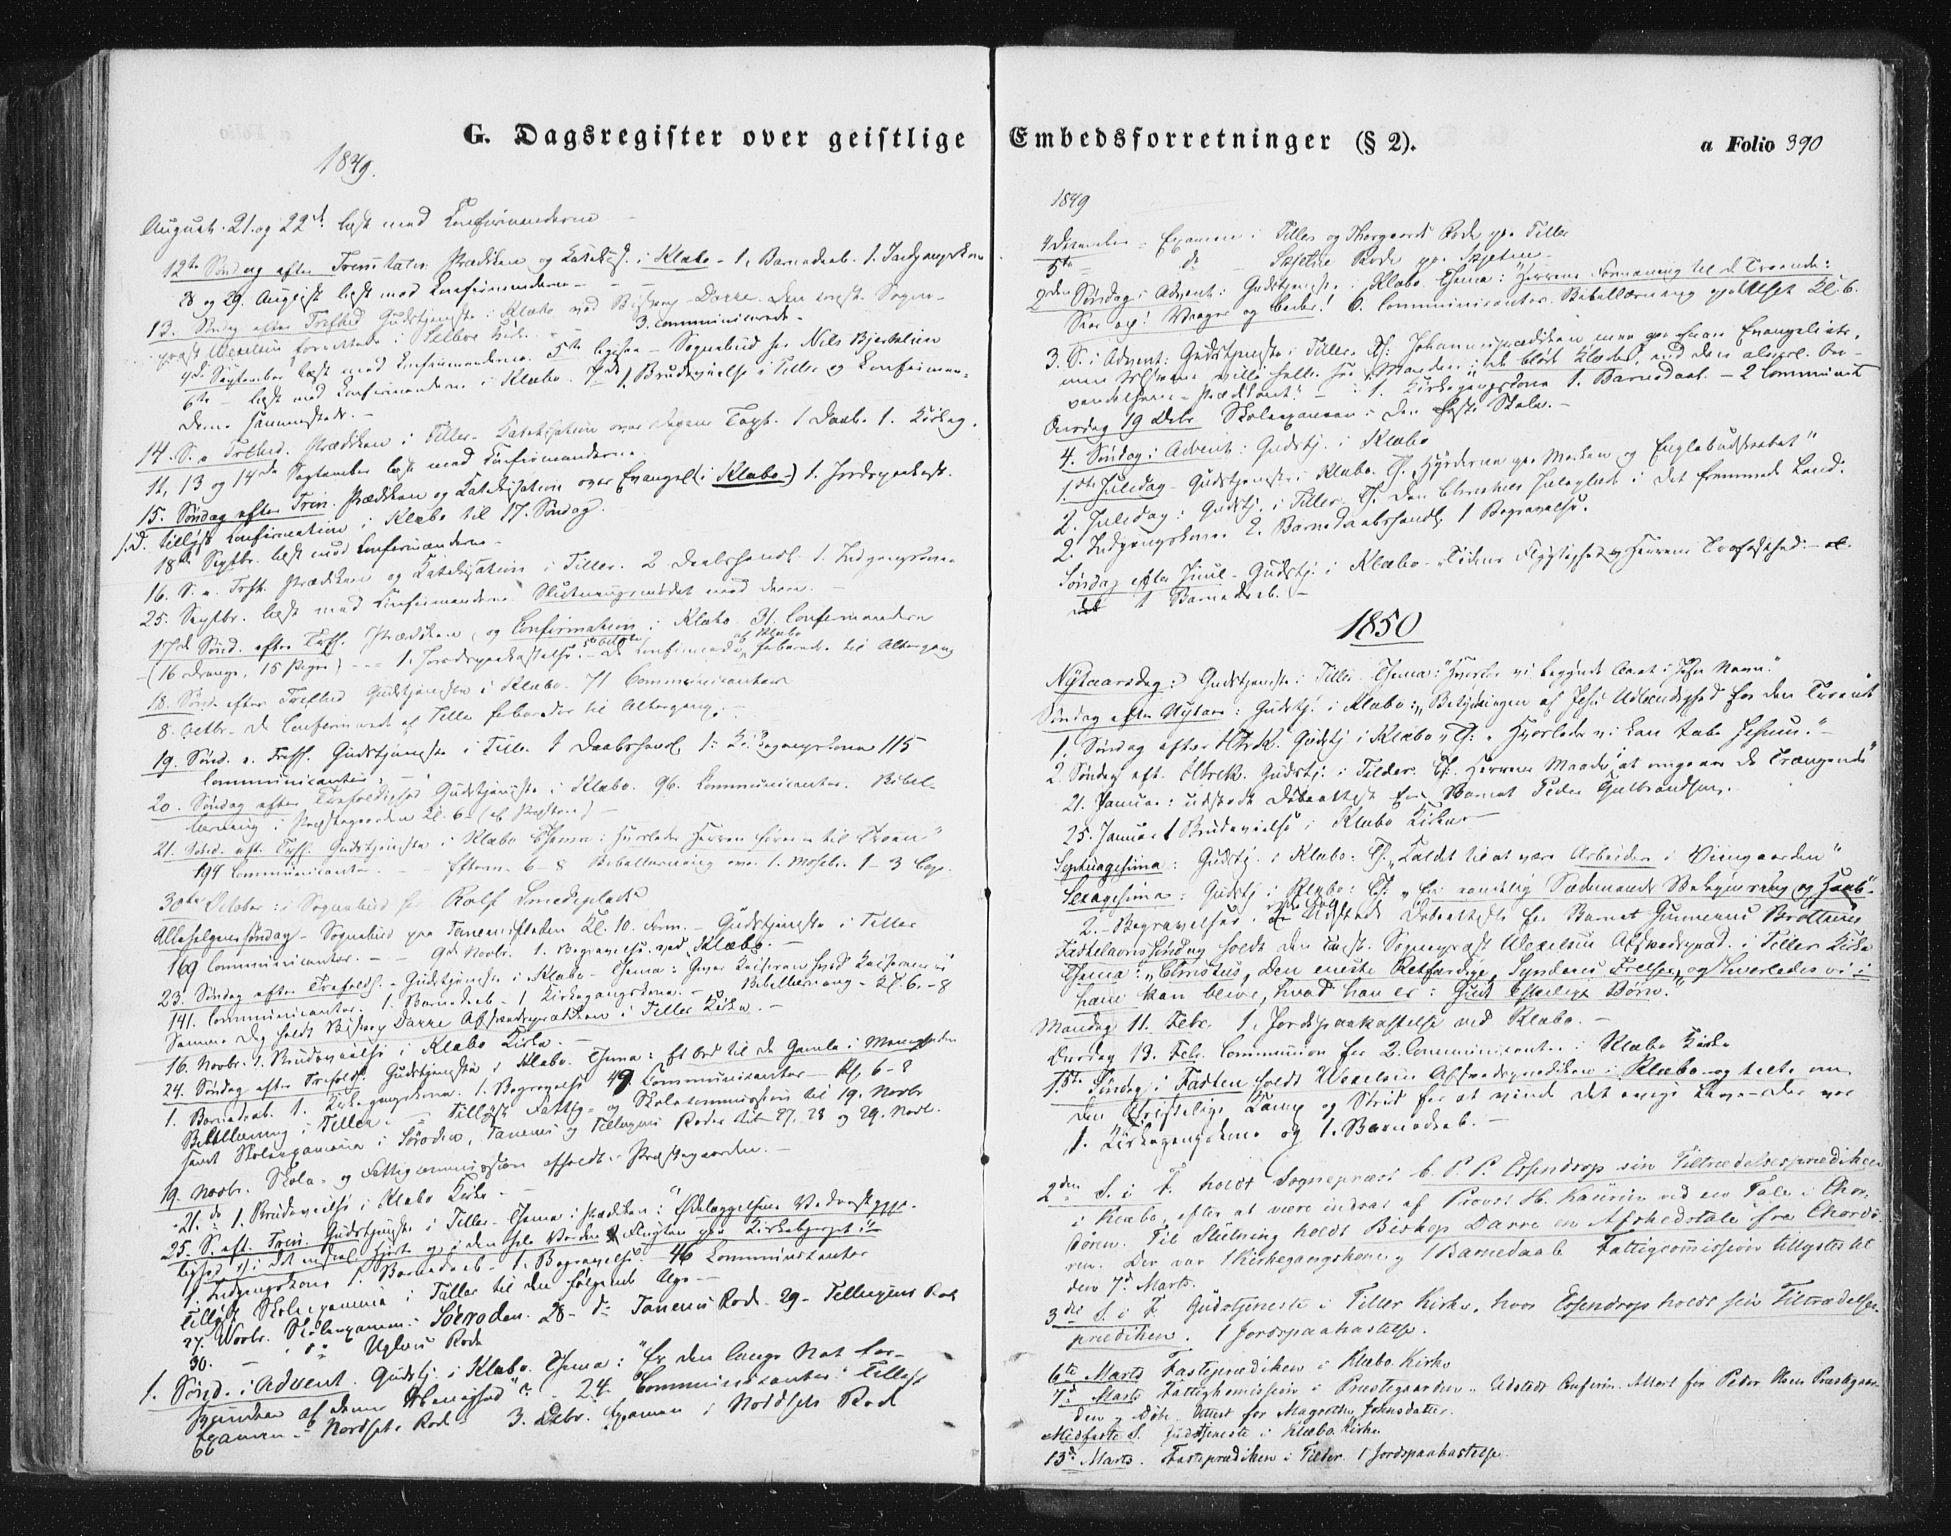 SAT, Ministerialprotokoller, klokkerbøker og fødselsregistre - Sør-Trøndelag, 618/L0441: Ministerialbok nr. 618A05, 1843-1862, s. 390